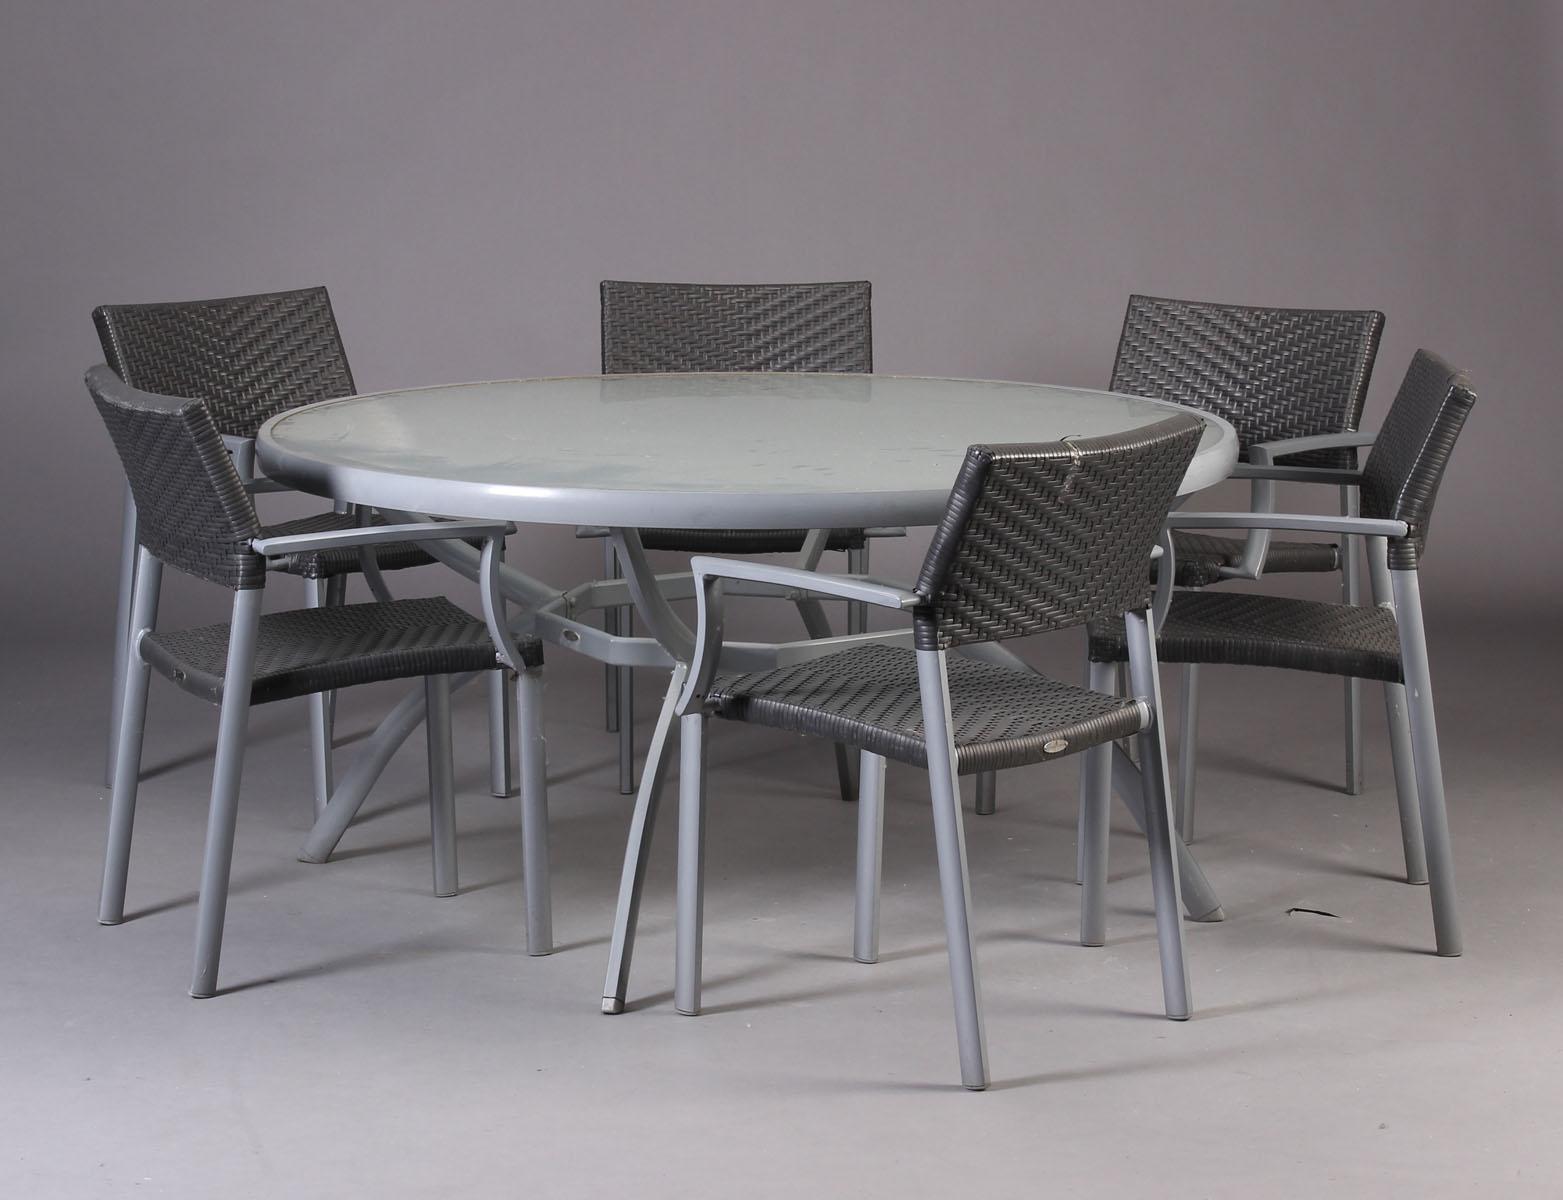 Living Elements. Havebord samt armstole - Living Elements. Havebord samt armstole af polyrattan, stel af grålakeret metal, plade af matteret glas. H 74 cm. Ø 150 cm. Fremstår med brugsspor, snavset, pletter og enkelte brud på flet